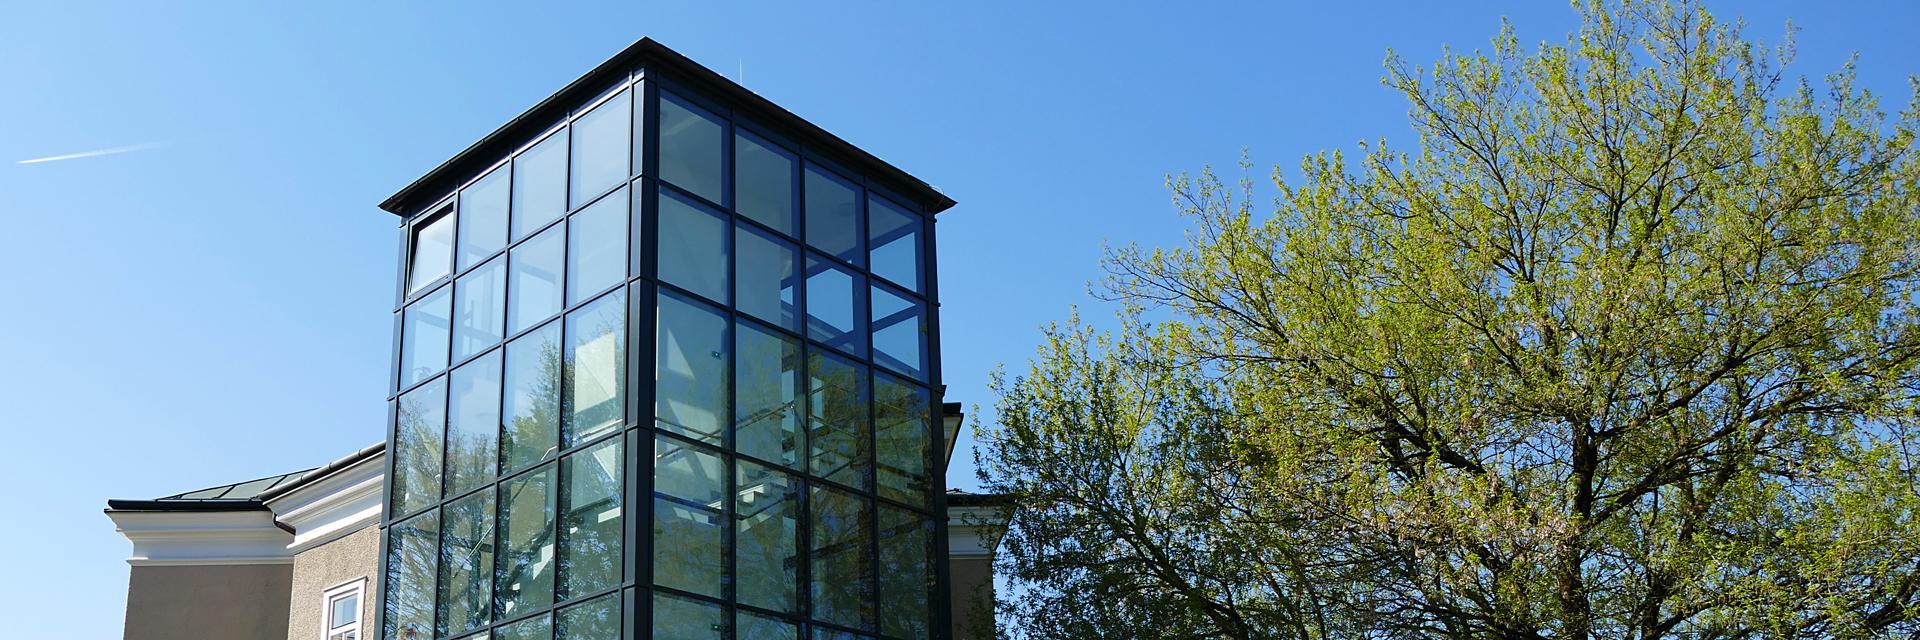 Aerzteforum-Hallein-ADLHART-Architekten